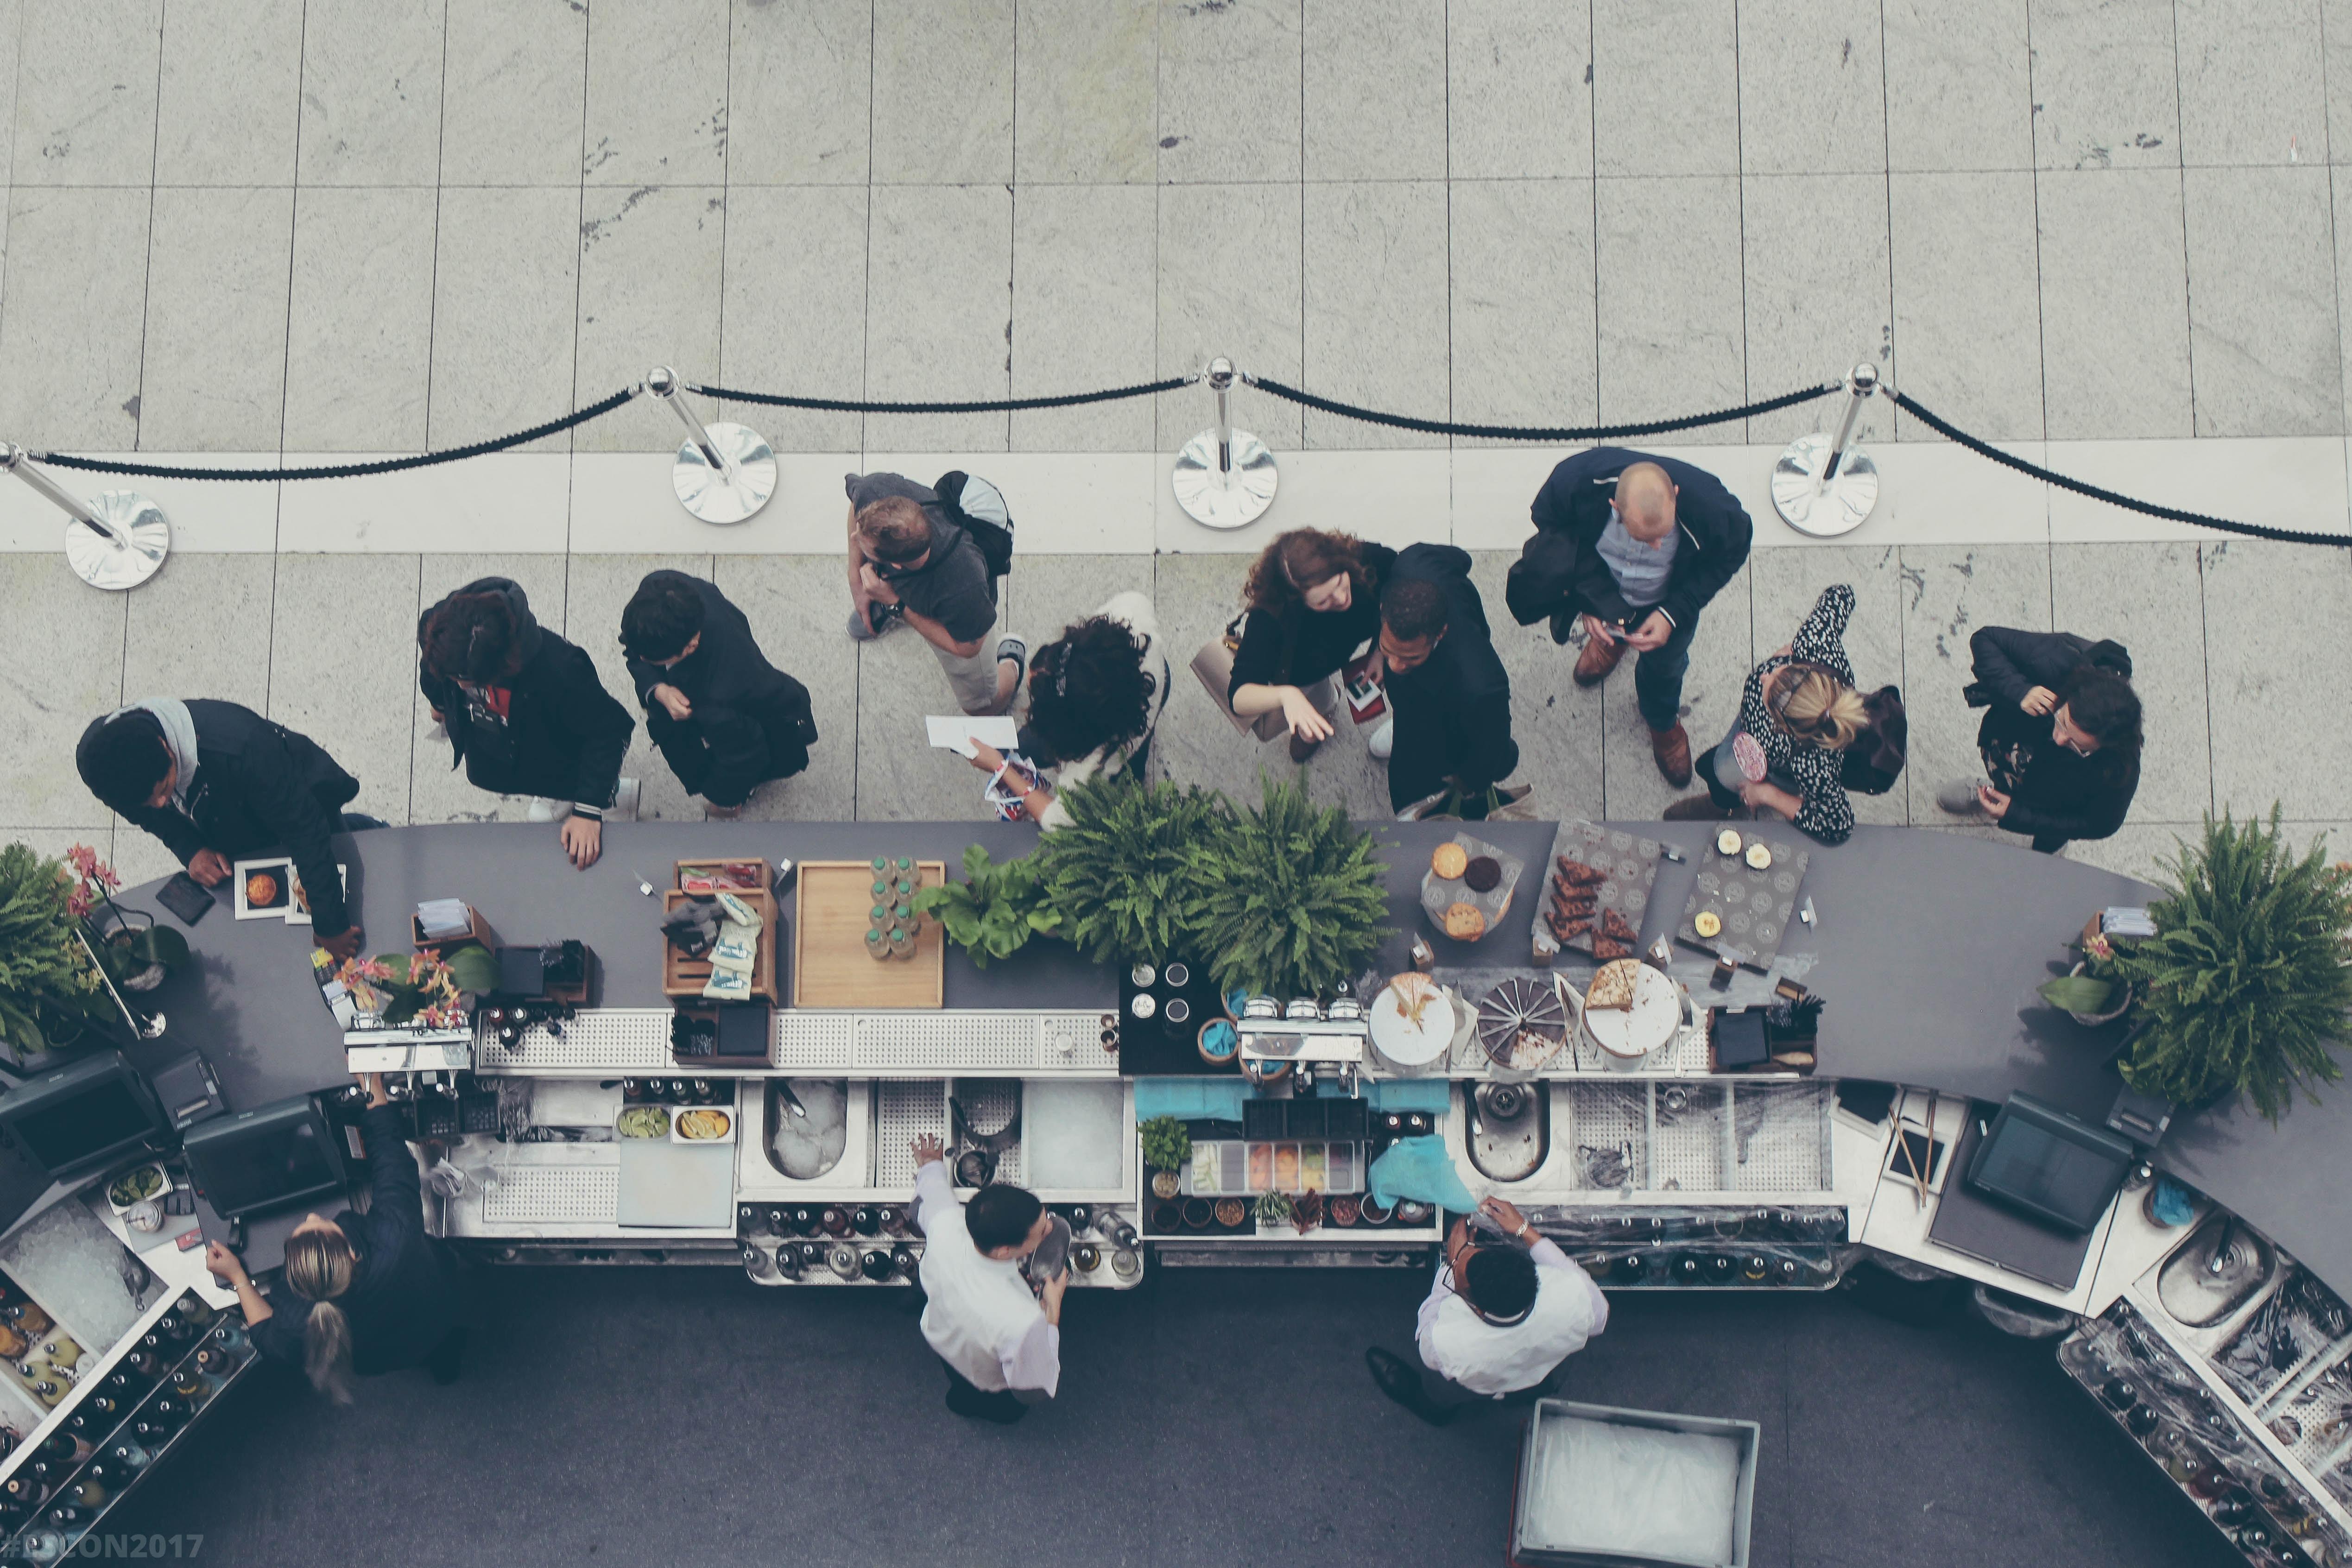 Ажлын байран дээр дотоод сургалтыг хэрхэн  амжилттай зохион байгуулах вэ?